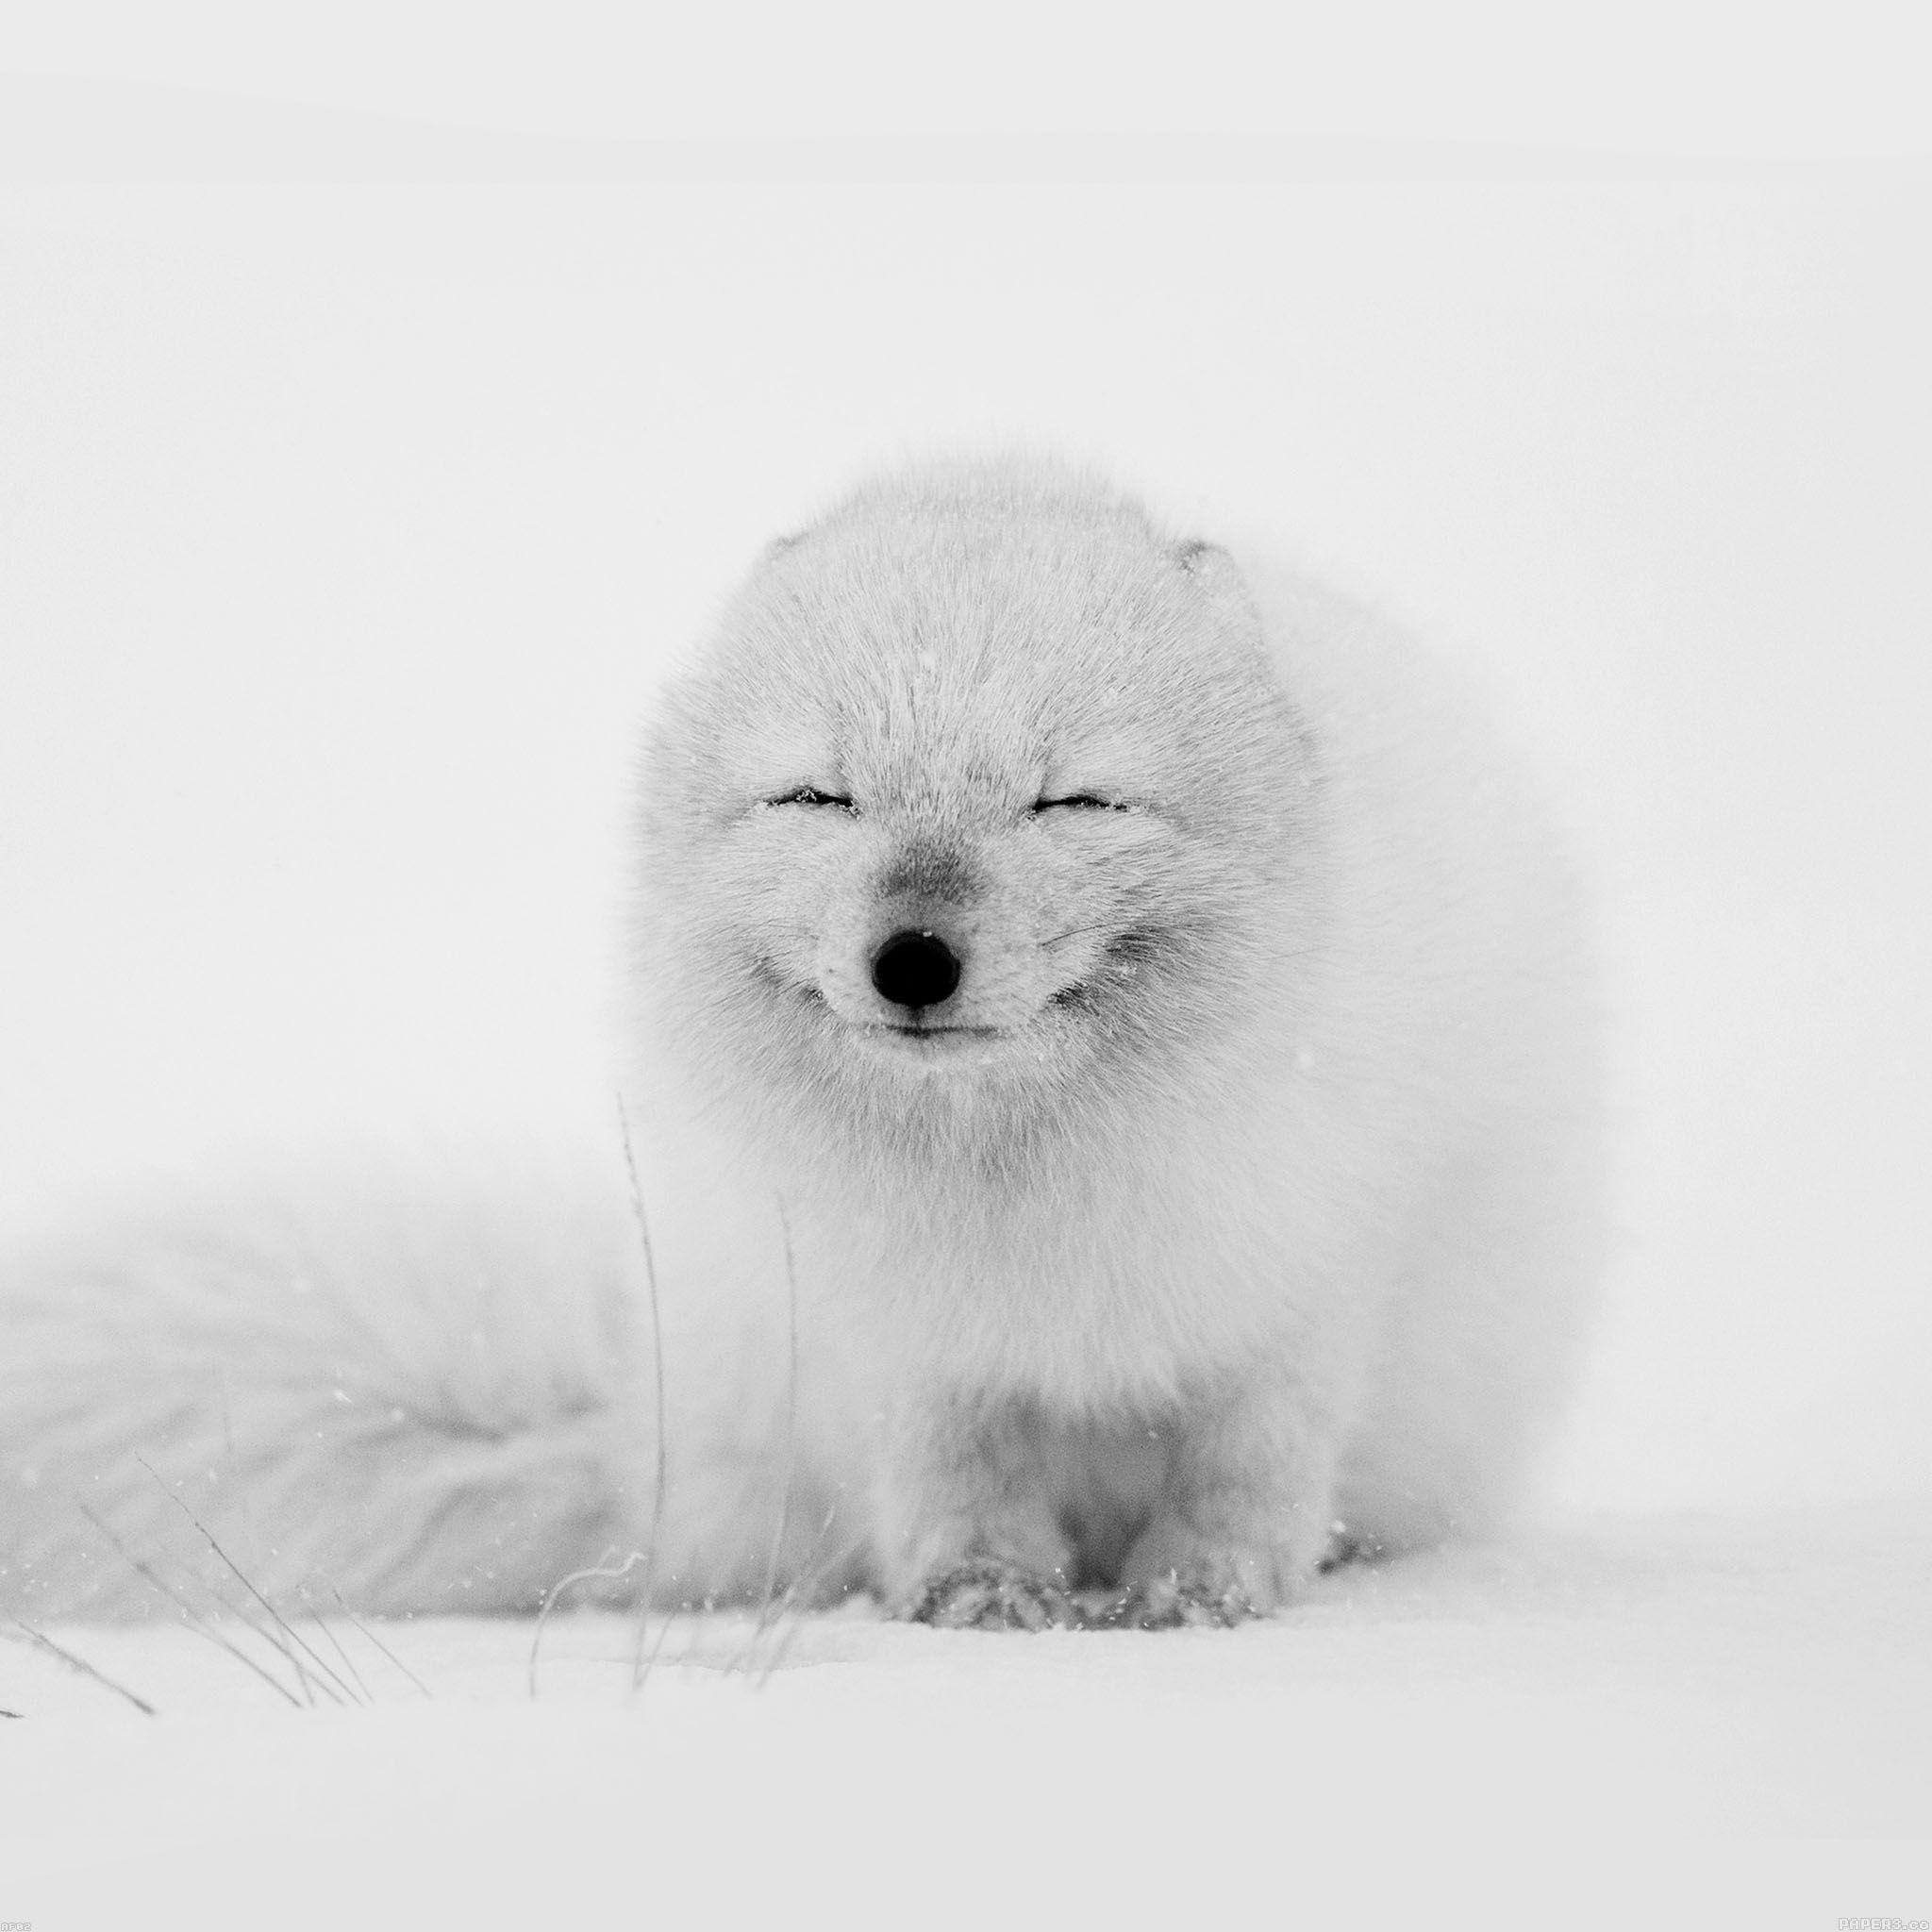 Arctic Fox Wallpapers Wallpaper Cave